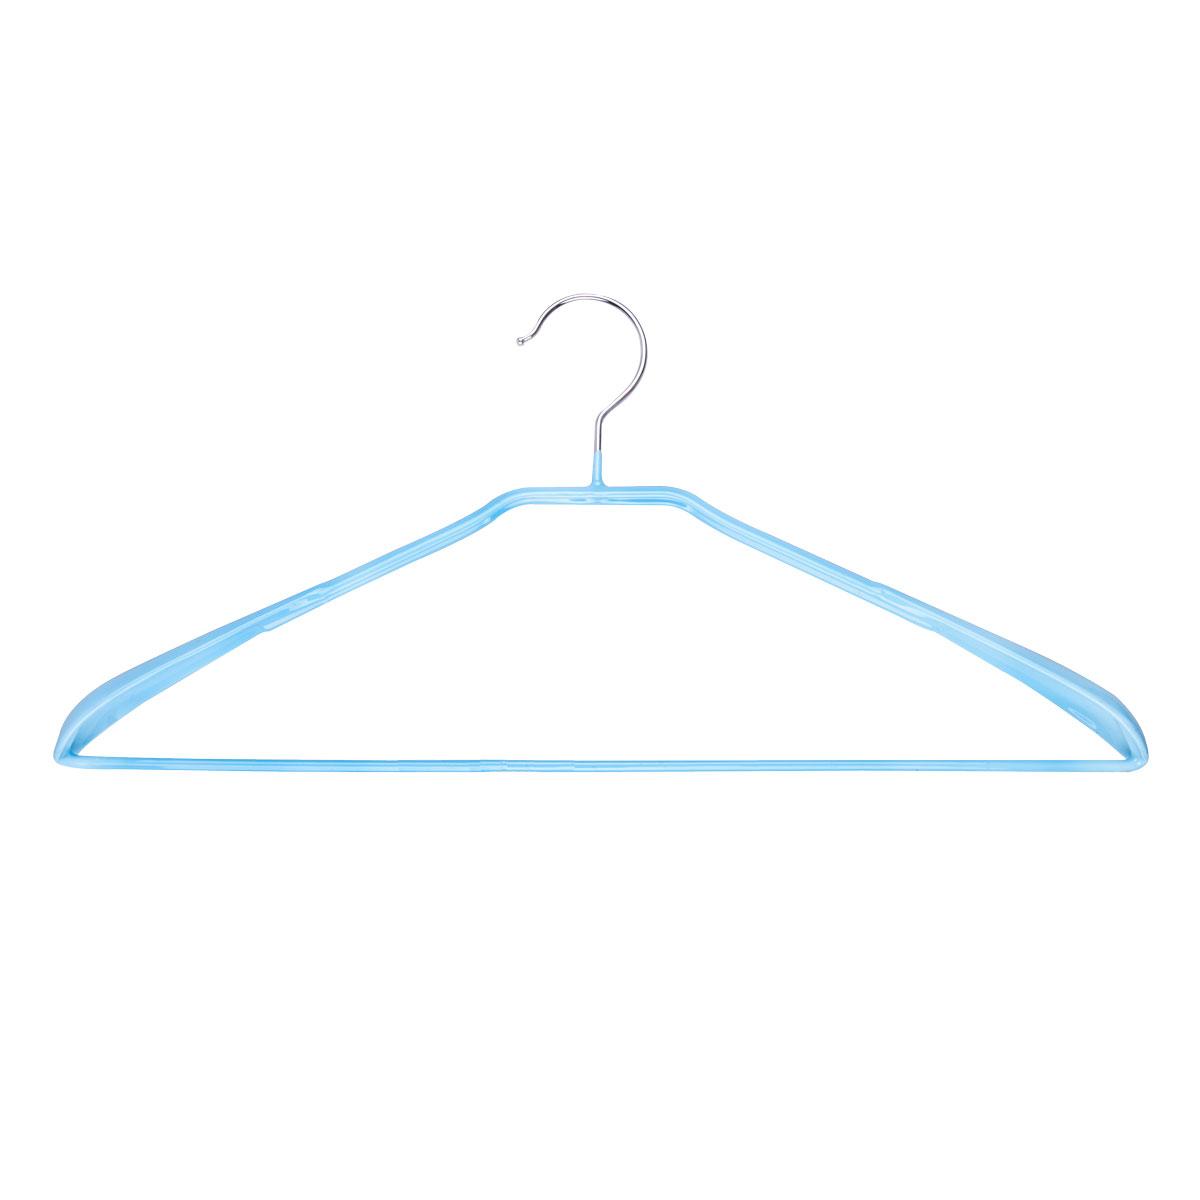 Вешалка для одежды Miolla, с расширенными плечиками, цвет: голубой, 42 х 19 х 3,5 см1004900000360Универсальная вешалка для одежды Miolla выполнена из прочной стали. Специальное резиновое покрытие предотвращает соскальзывание одежды. Изделие оснащено перекладиной для брюк и расширенными плечиками. Вешалка - это незаменимая вещь для того, чтобы ваша одежда всегда оставалась в хорошем состоянии.